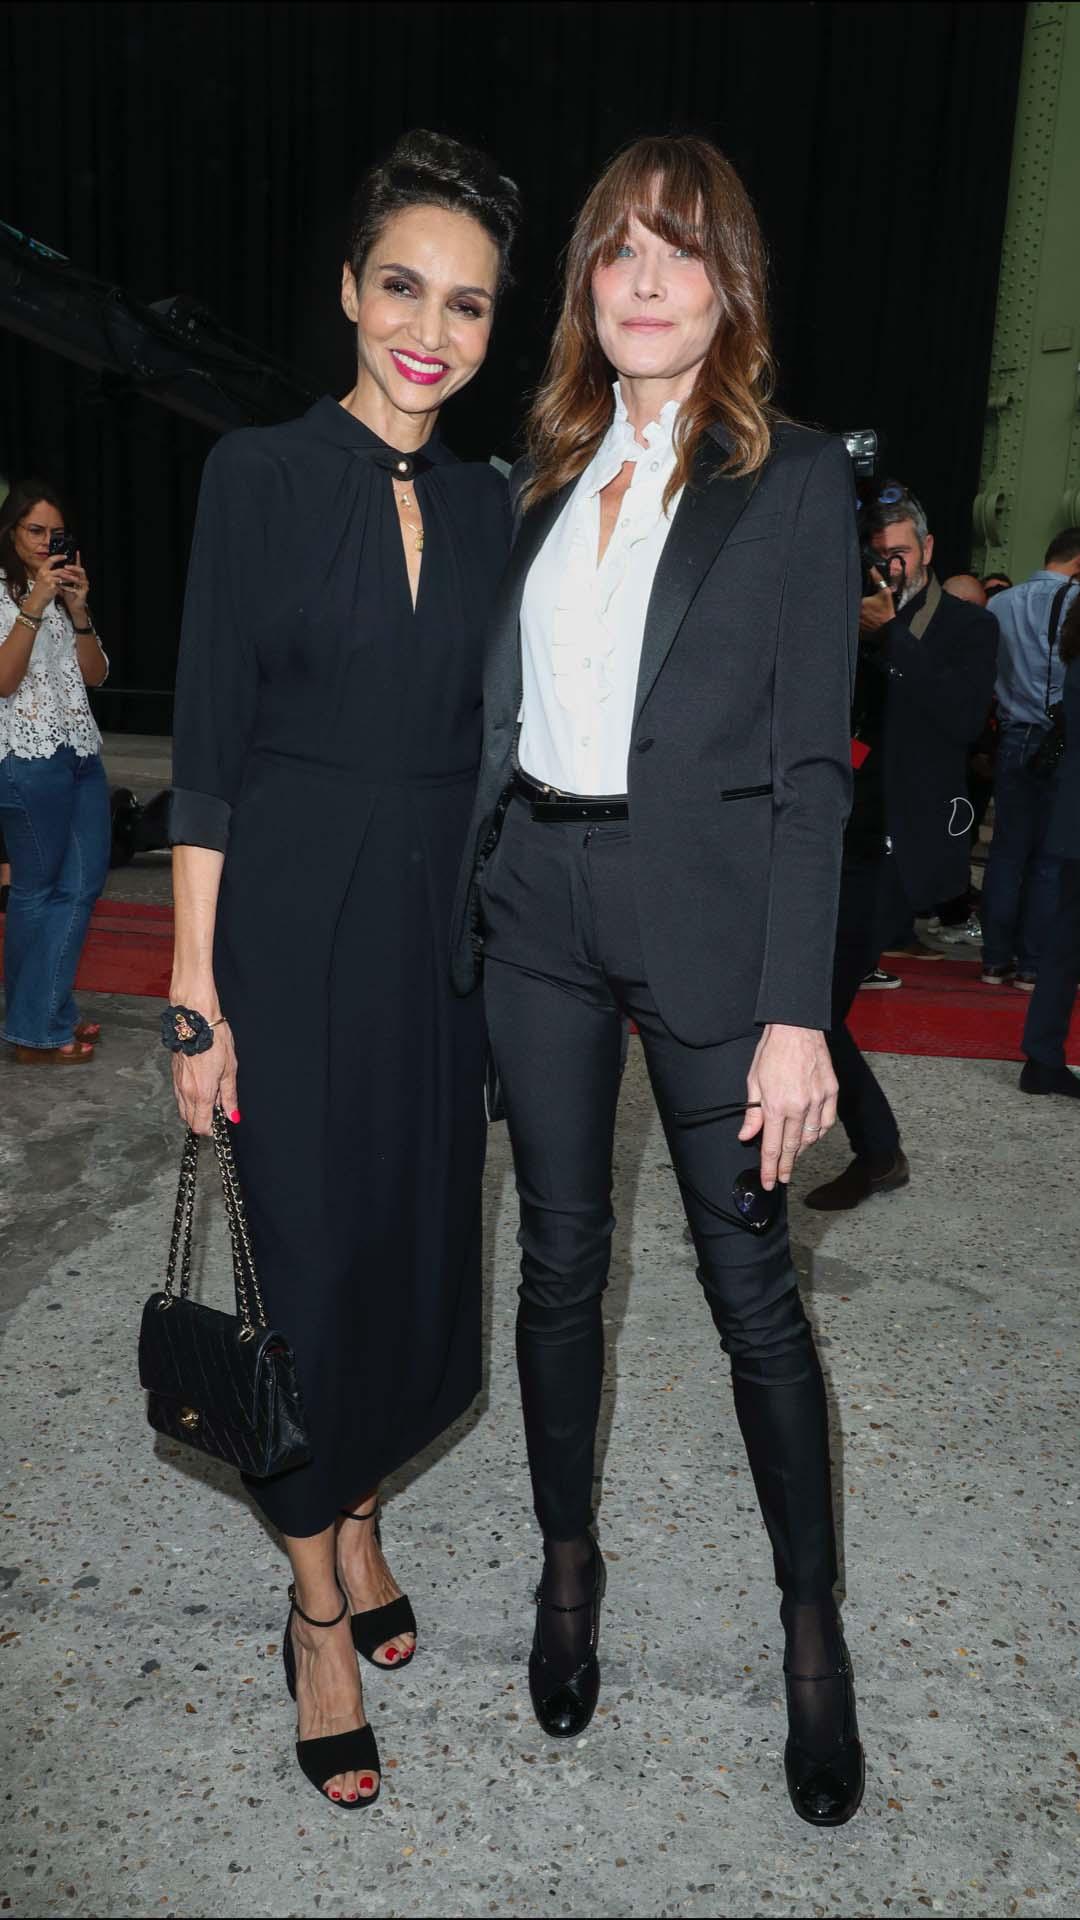 Carla Bruni lució un look muy casual con un traje de sastre negro y camisa blanca con volantes en el centro que combinó con unas merceditas con tacón. En la foto posó con la modelo francesa Farida Khelfa